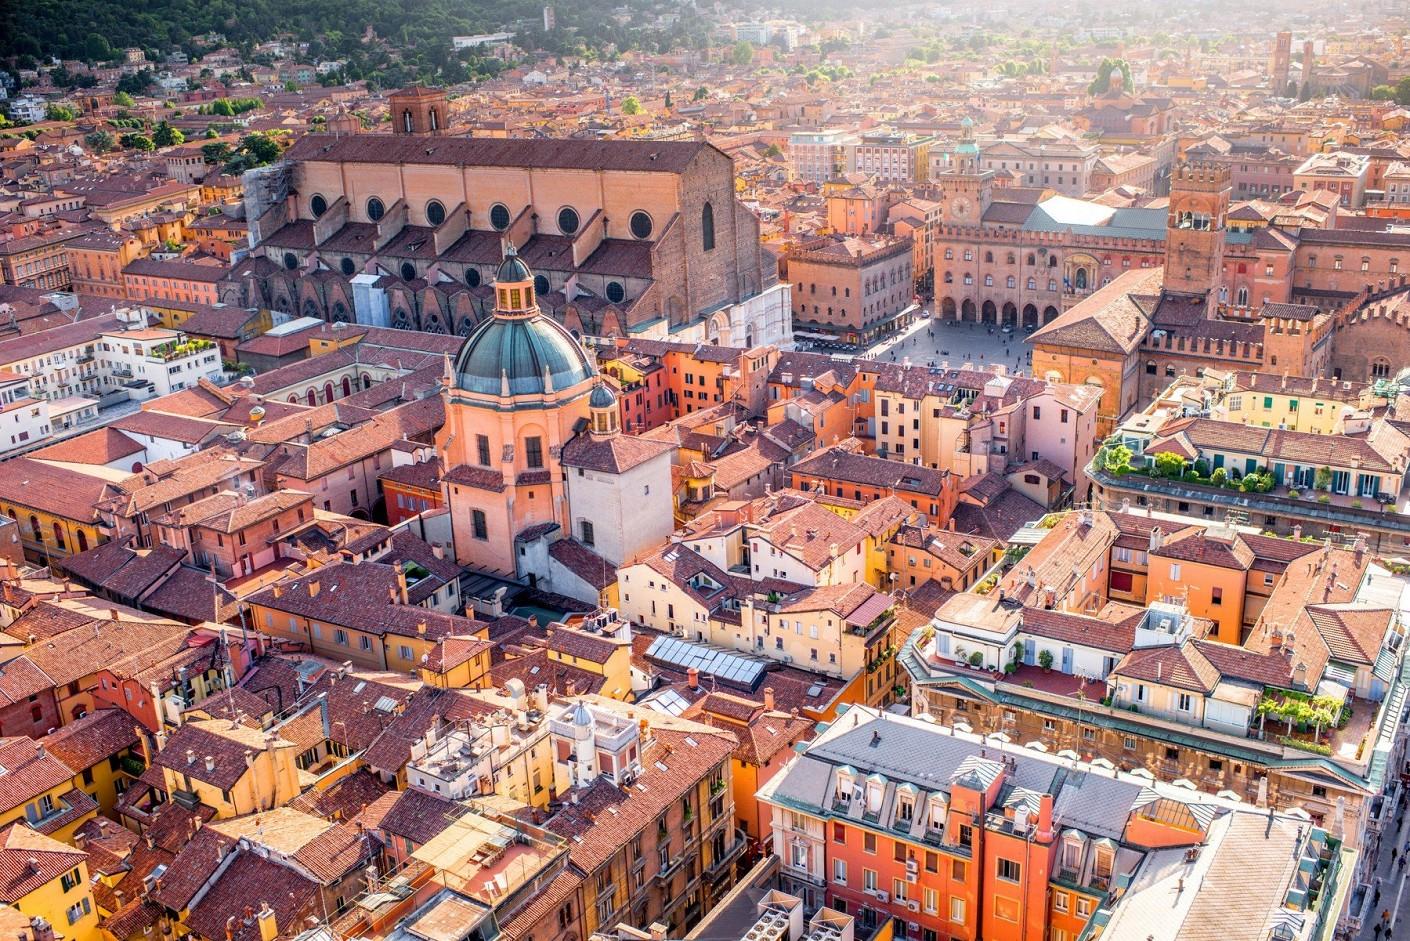 Kodėl verta vykti į Boloniją?